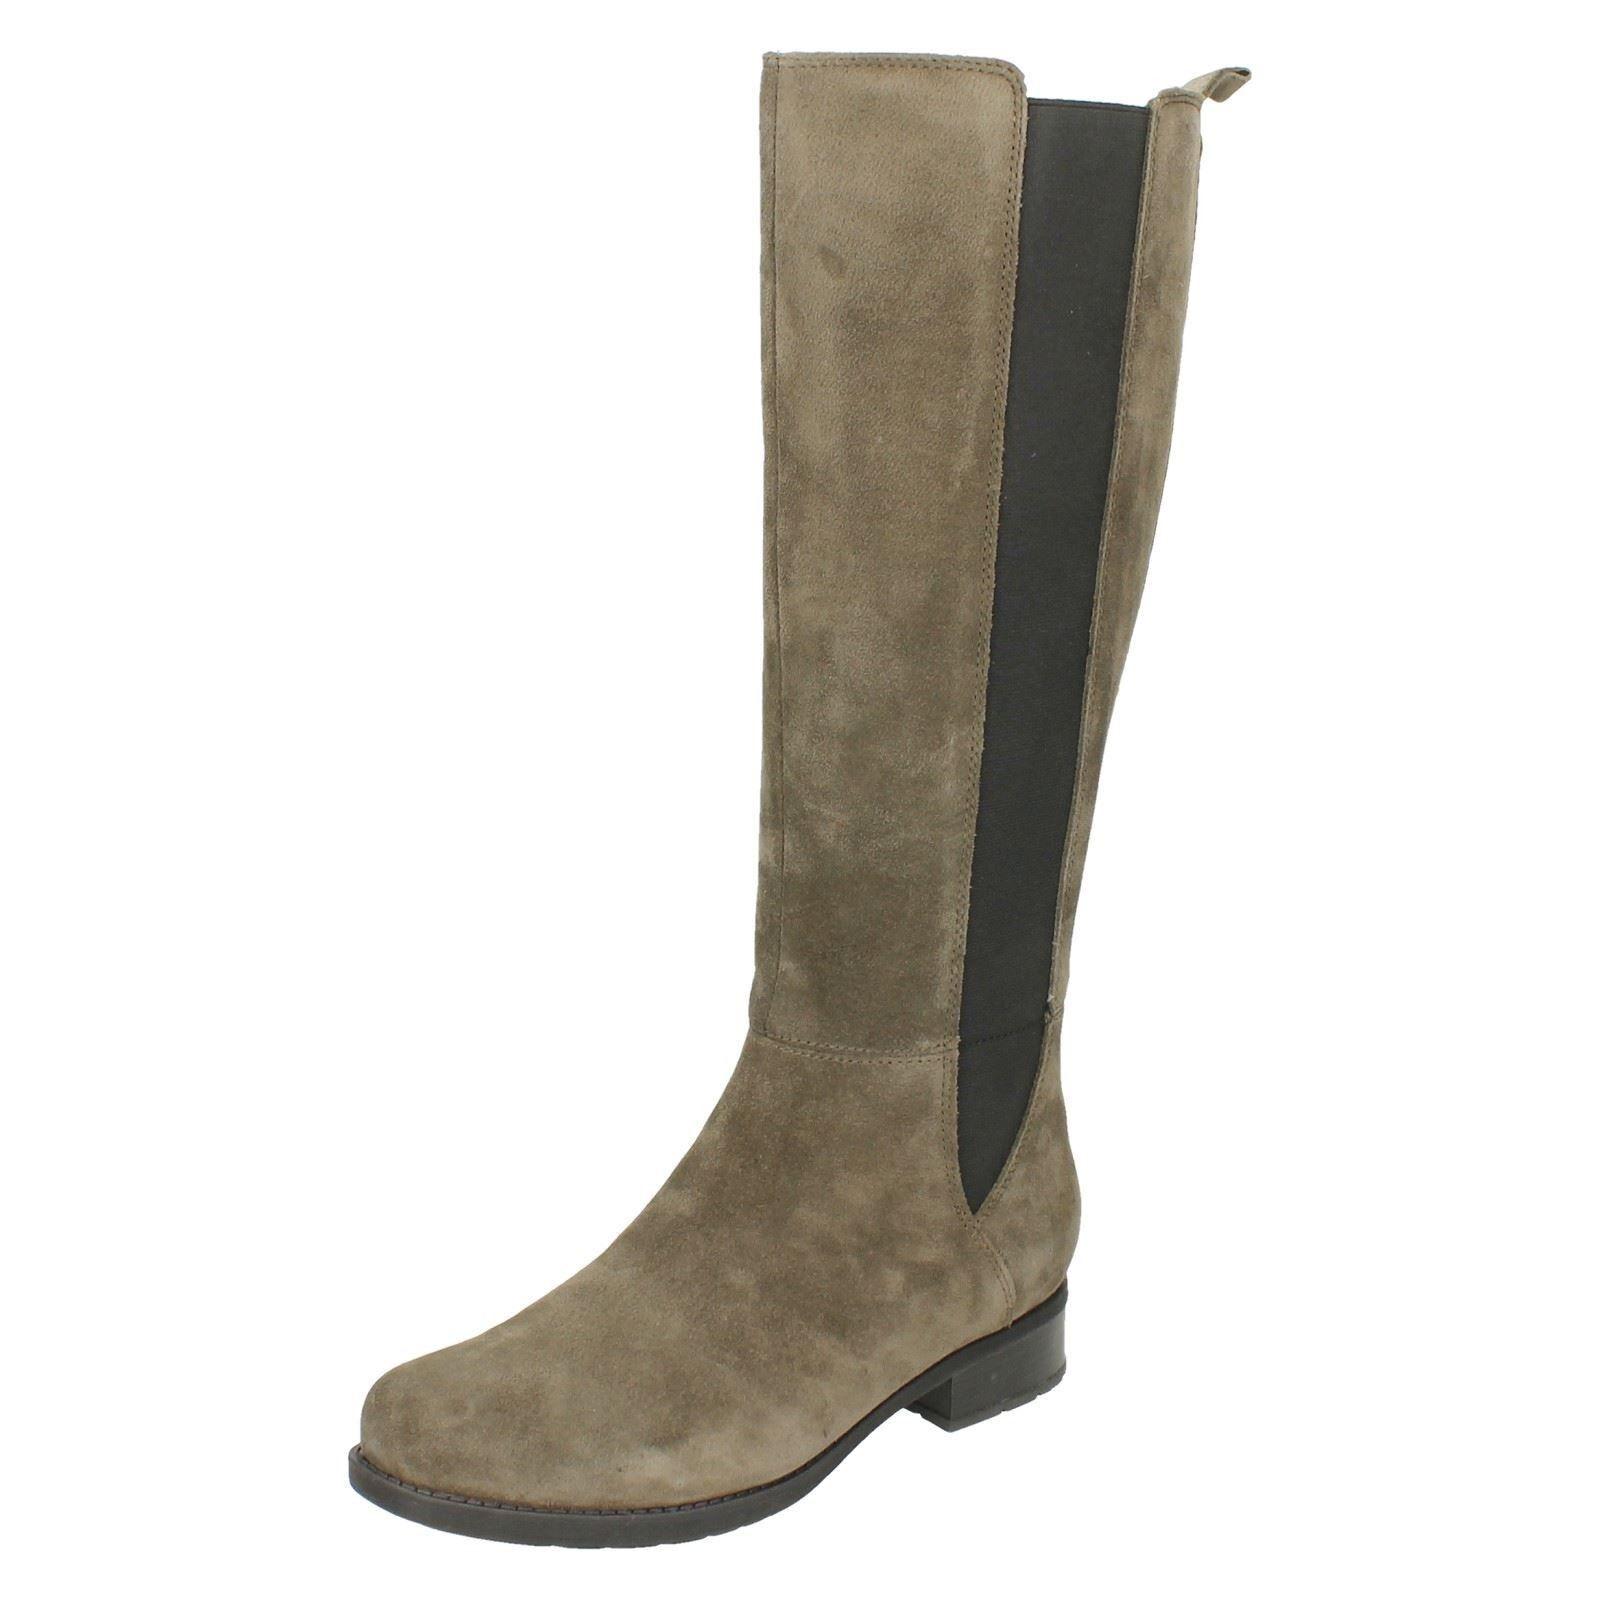 entrega rápida Nuevo Clarks  verlie Gail  Damas Damas Damas Ante gris Larga Hasta la Rodilla botas Altas D  Hay más marcas de productos de alta calidad.